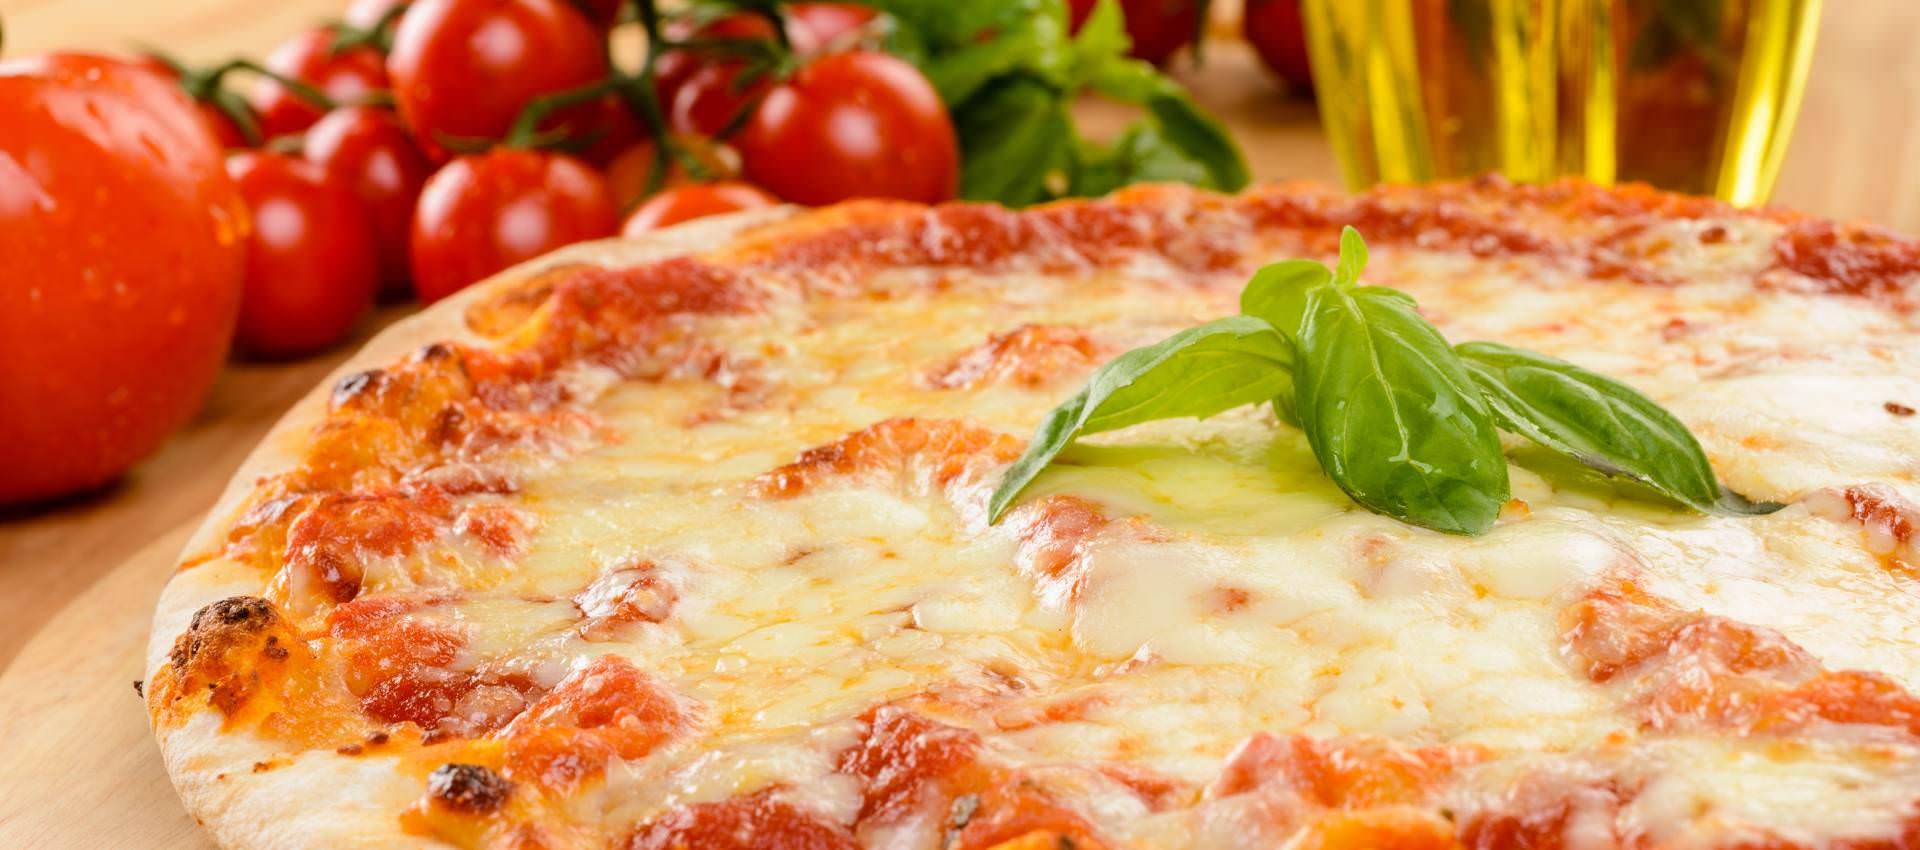 Recette de la pizza margherita recette italienne recette pizza margherita pate pizza tomate - Recette pate a pizza italienne fine ...